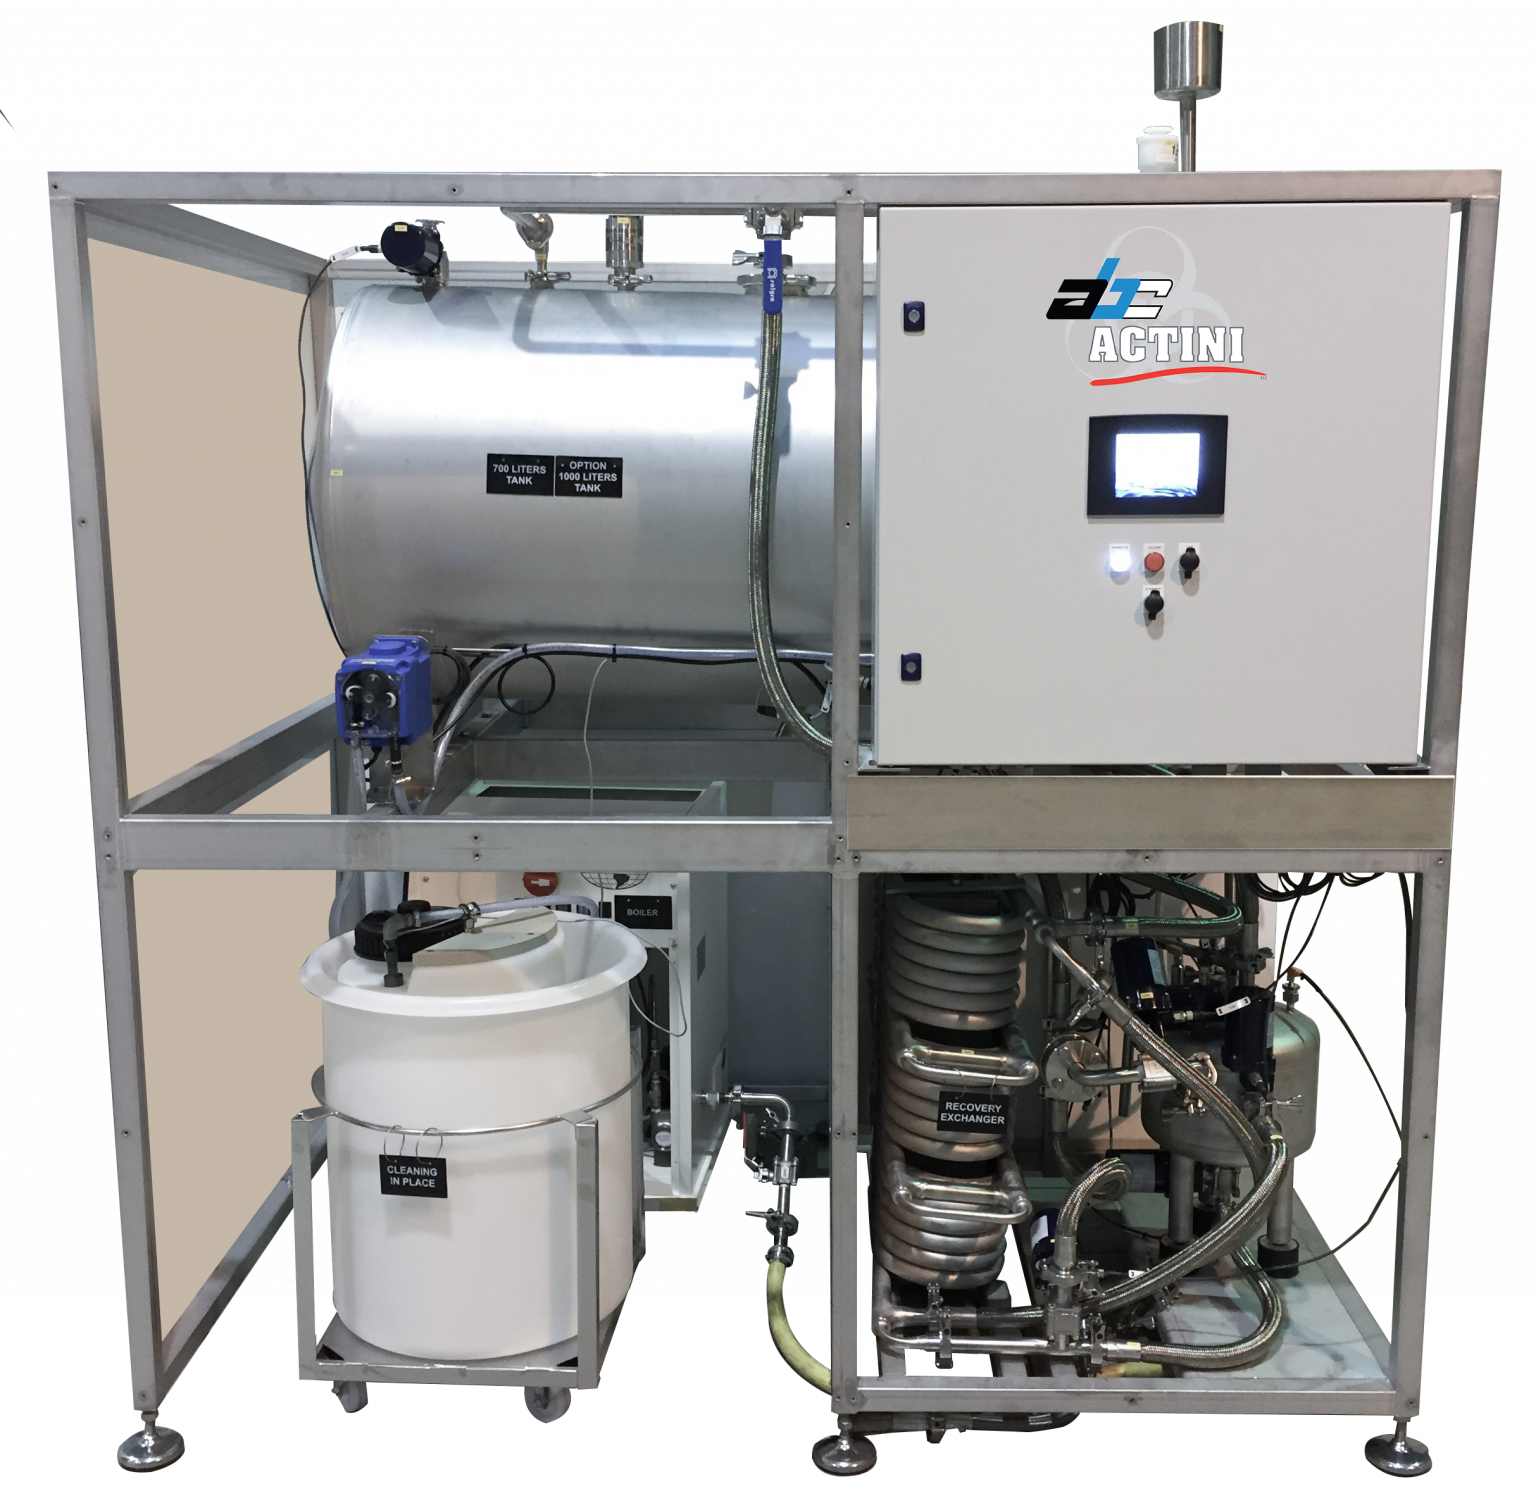 Microsteam biowaste decontamination system